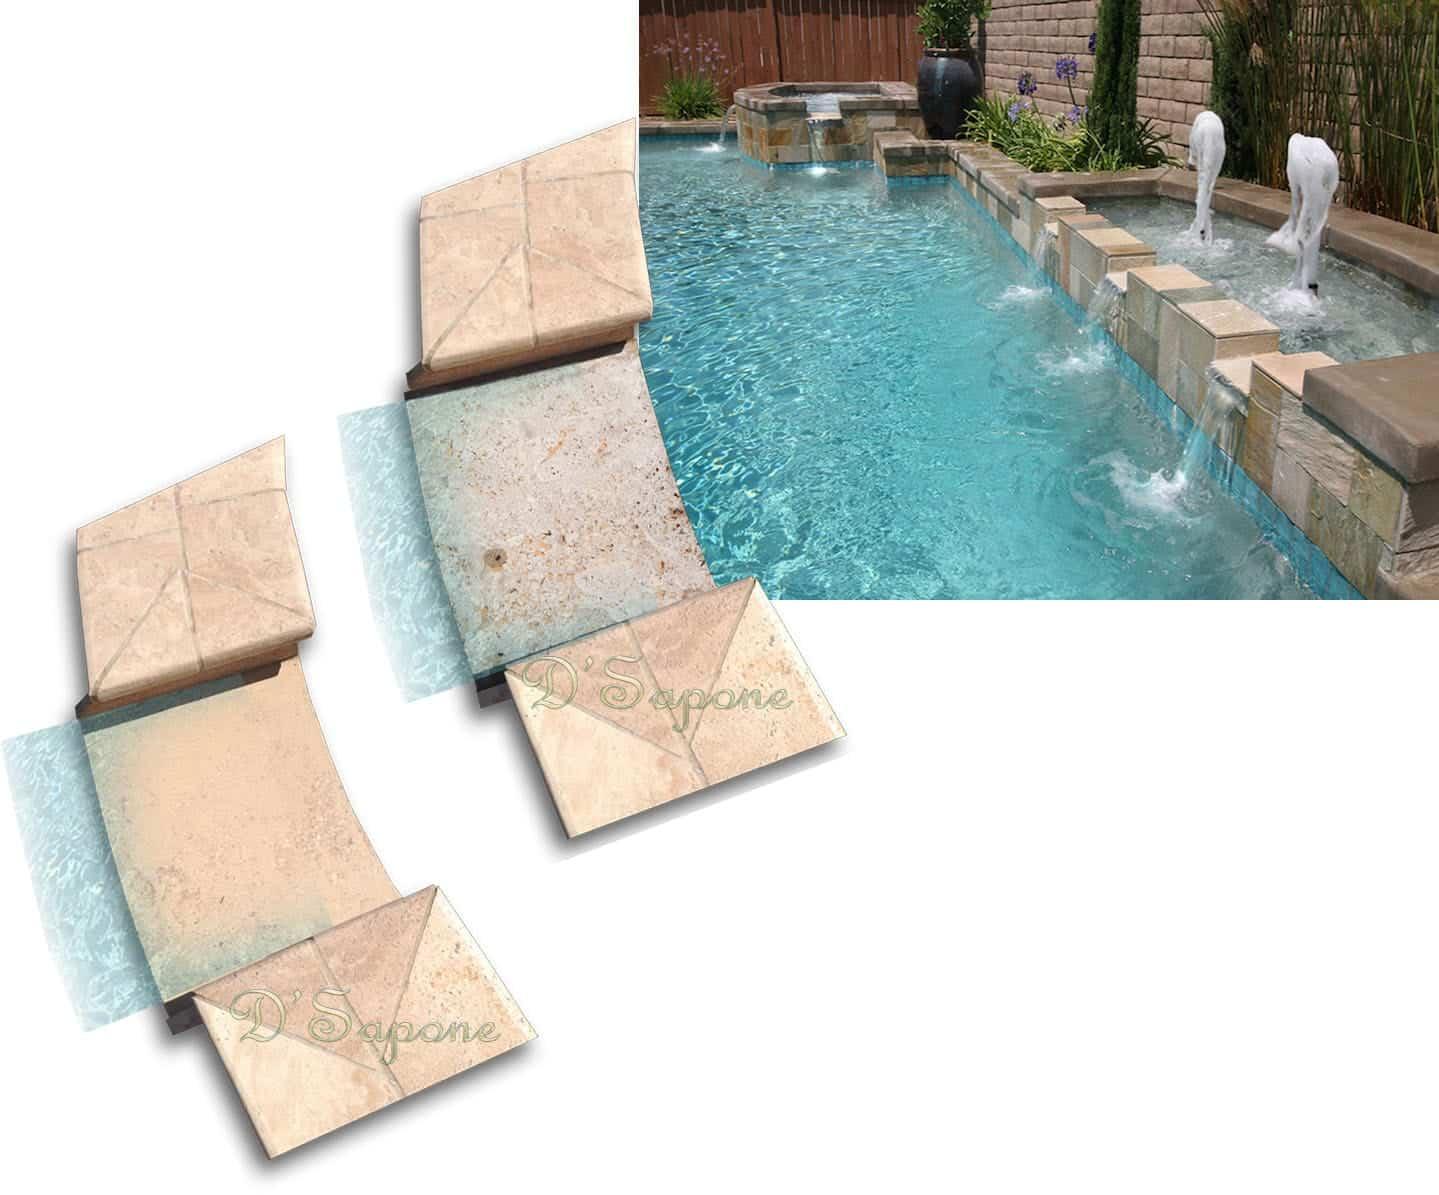 pool tile repair service in sarasota